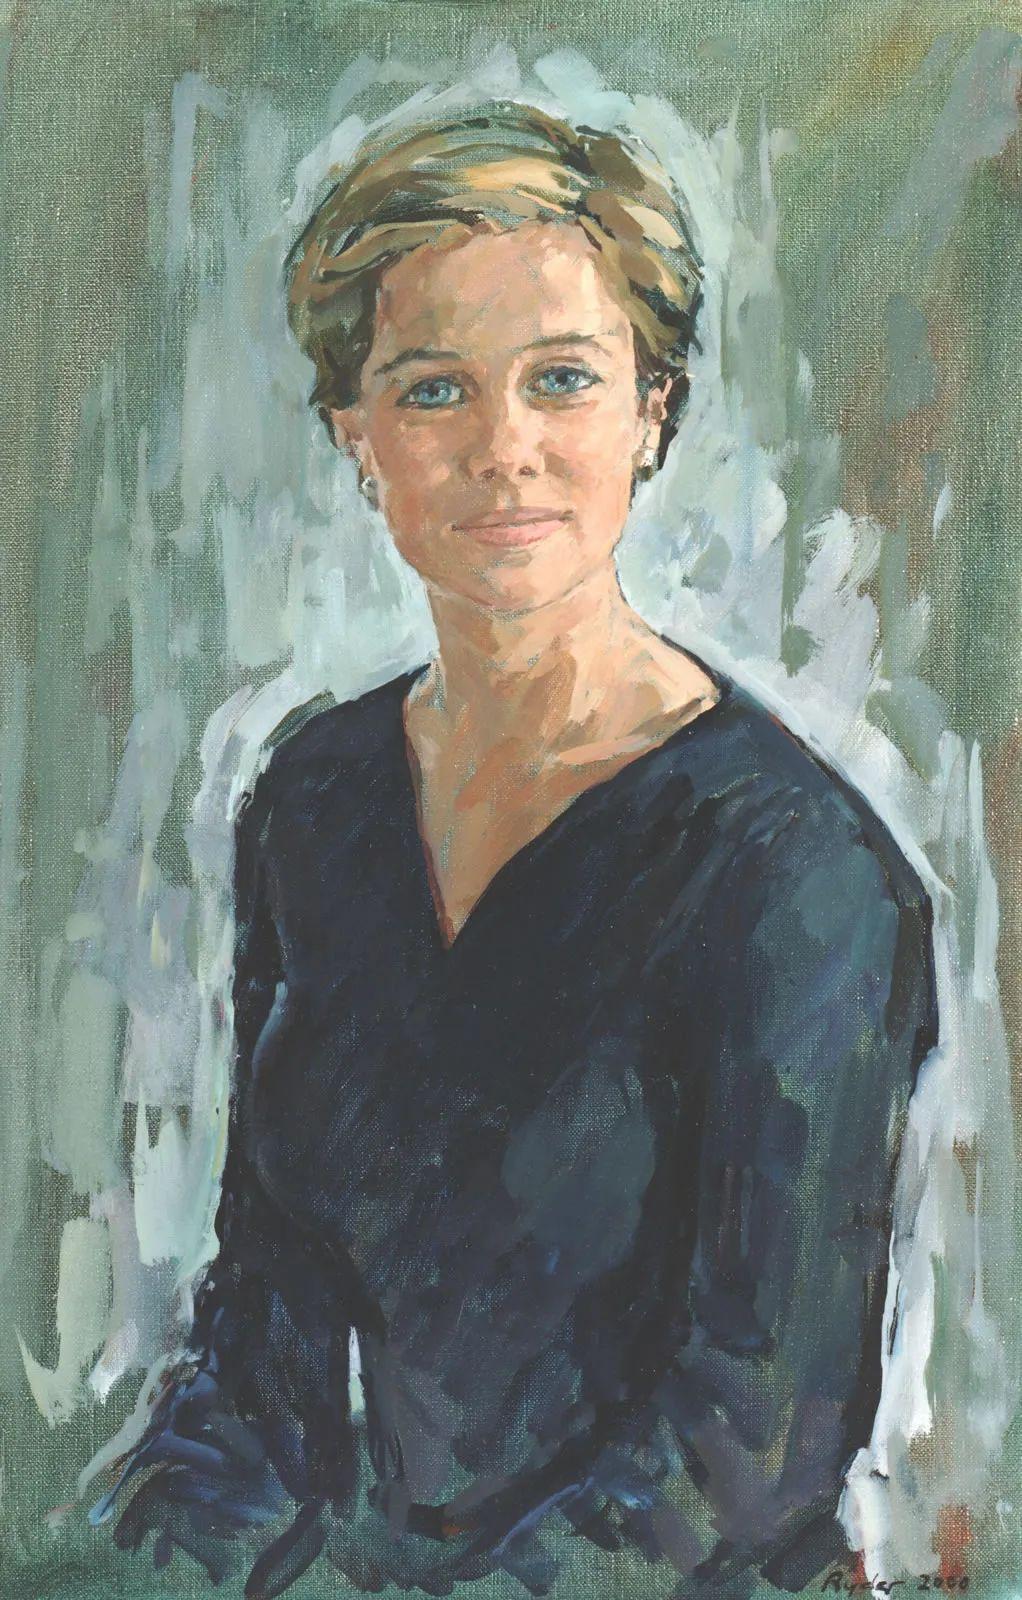 英国女画家苏珊·莱德人物作品插图31